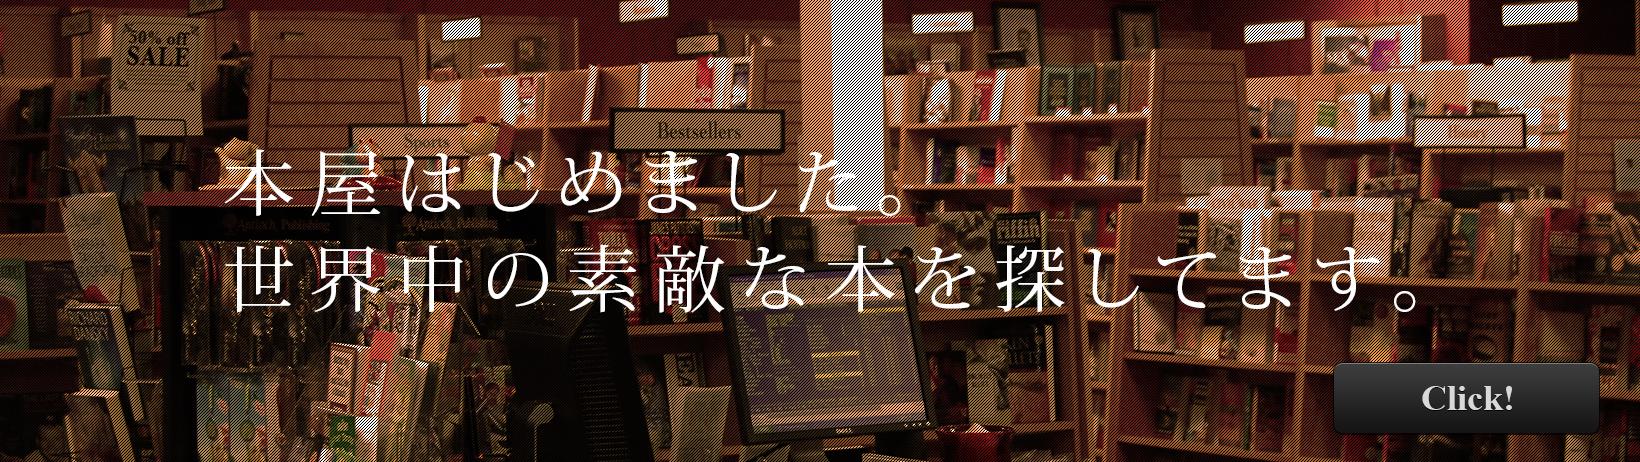 本屋はじめました。世界中の素敵な本を探しています。